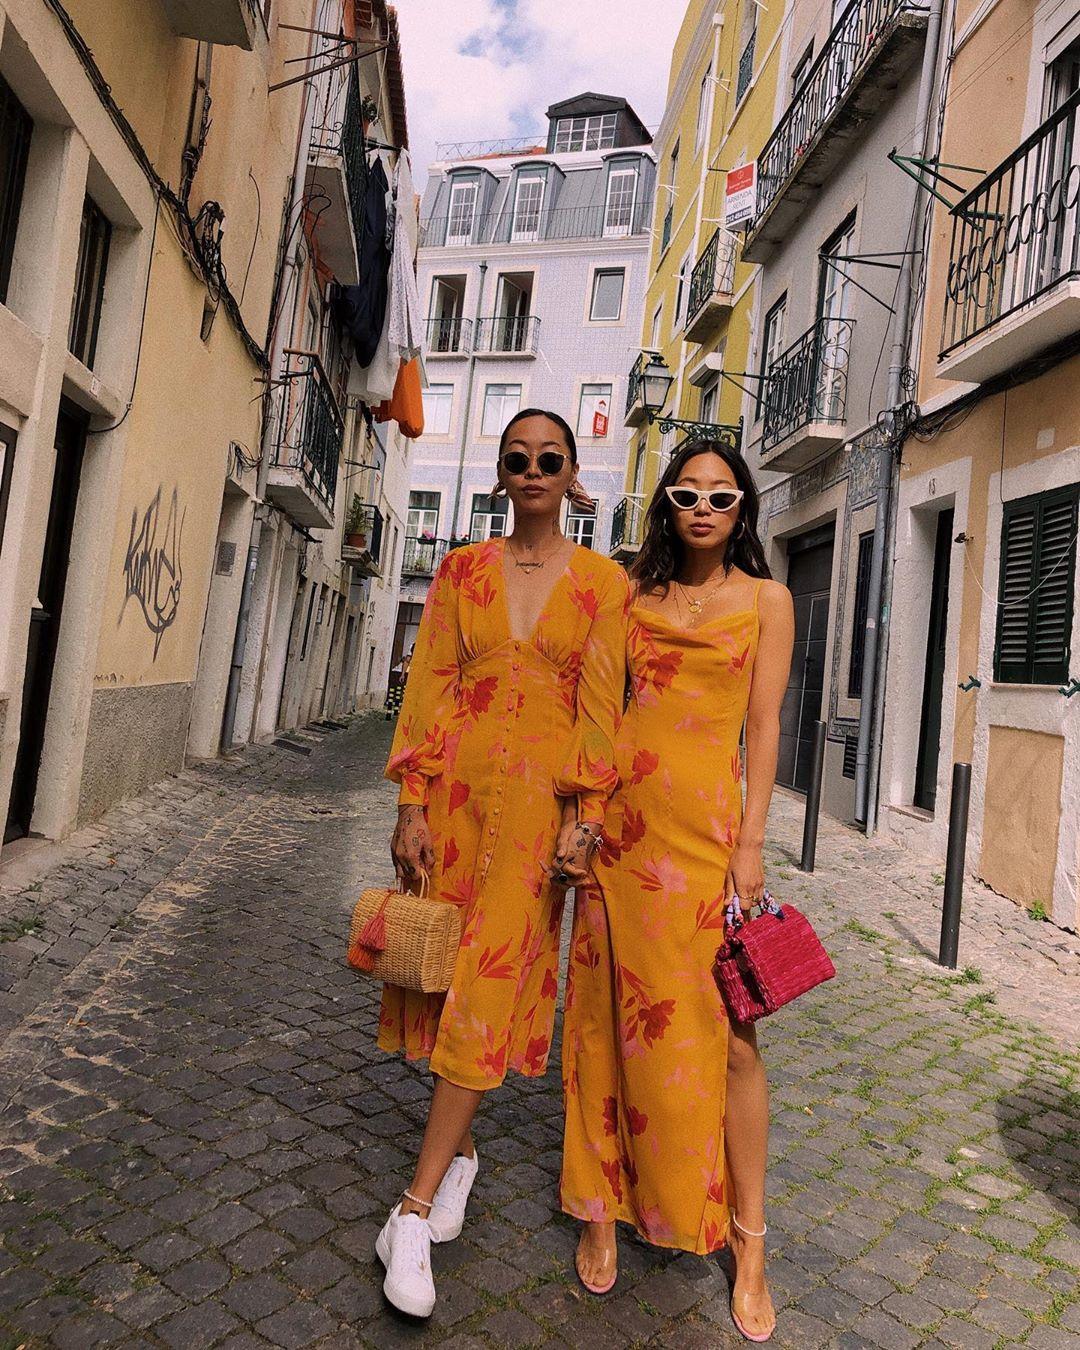 Thời trang cung Song Tử - Chị em Dani và Aimee Song mặc đầm vàng cam in hoa đỏ